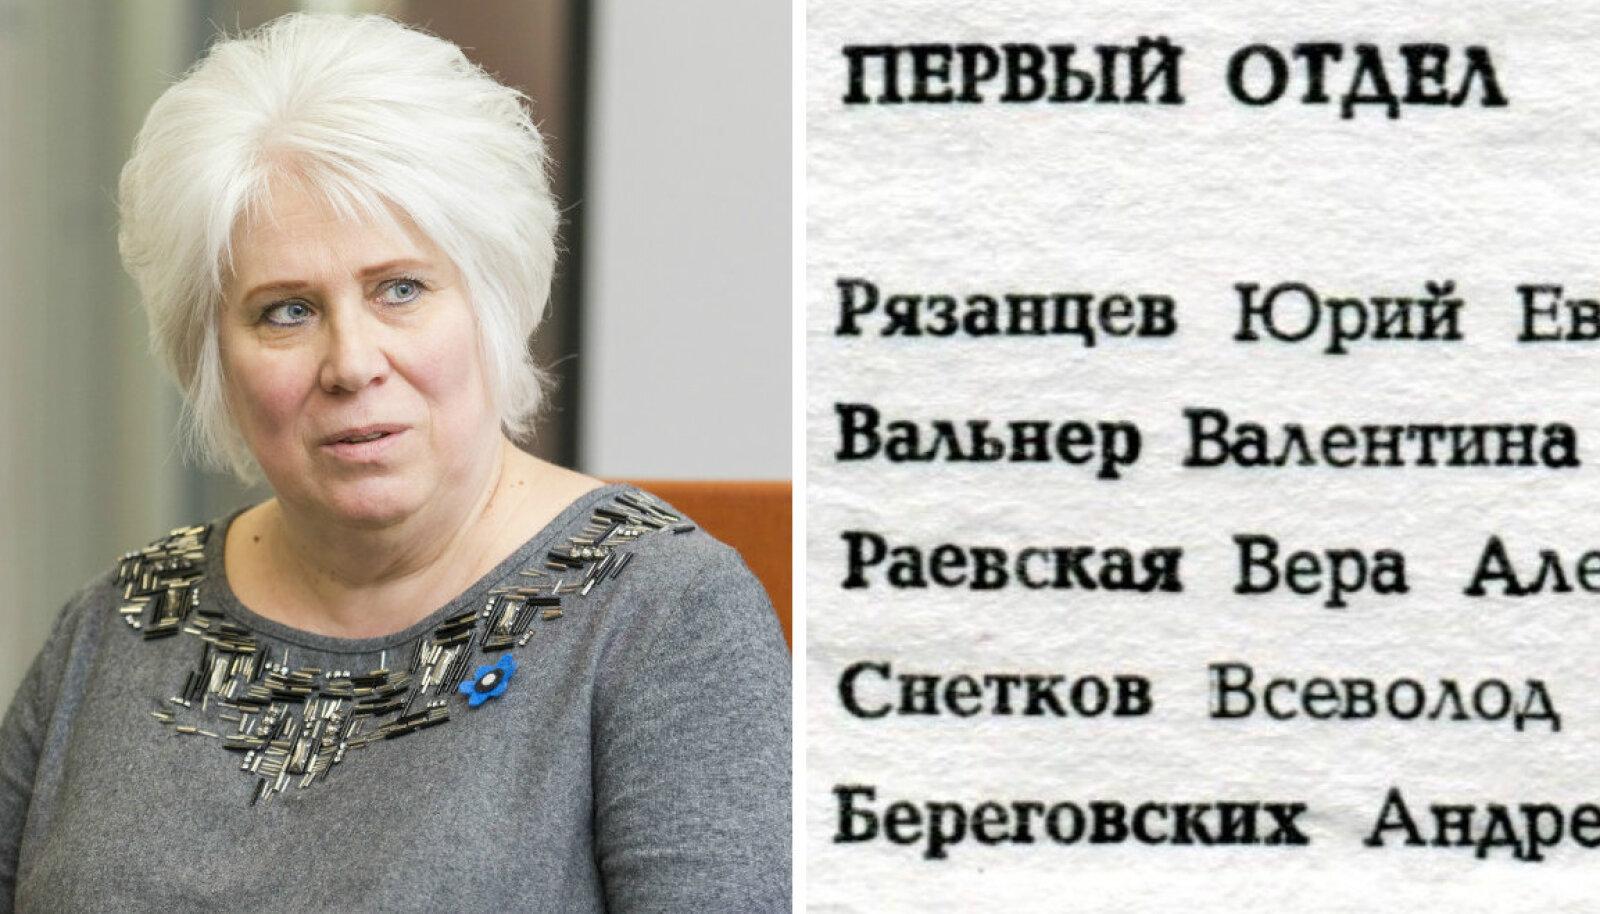 Tuleb välja, et välisminister Kaljuranna ema töökoht oli arvatust erilisem